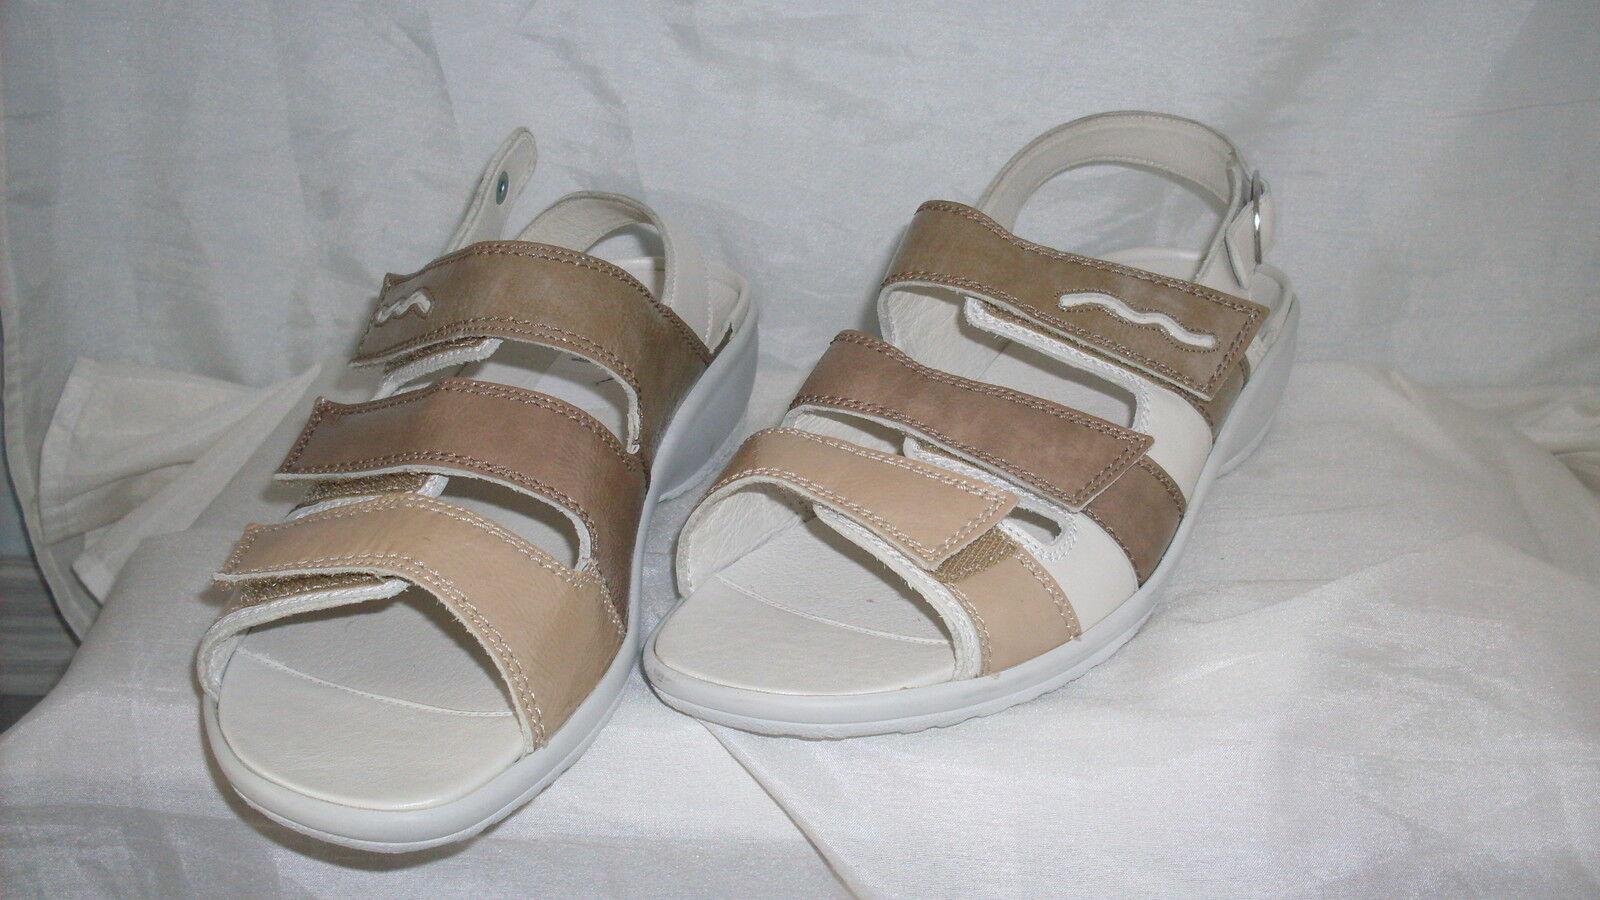 Rôdeur Velcro Été Sandale Neuve Taille 7 40,5 H en blanc taupe vernis & cuir